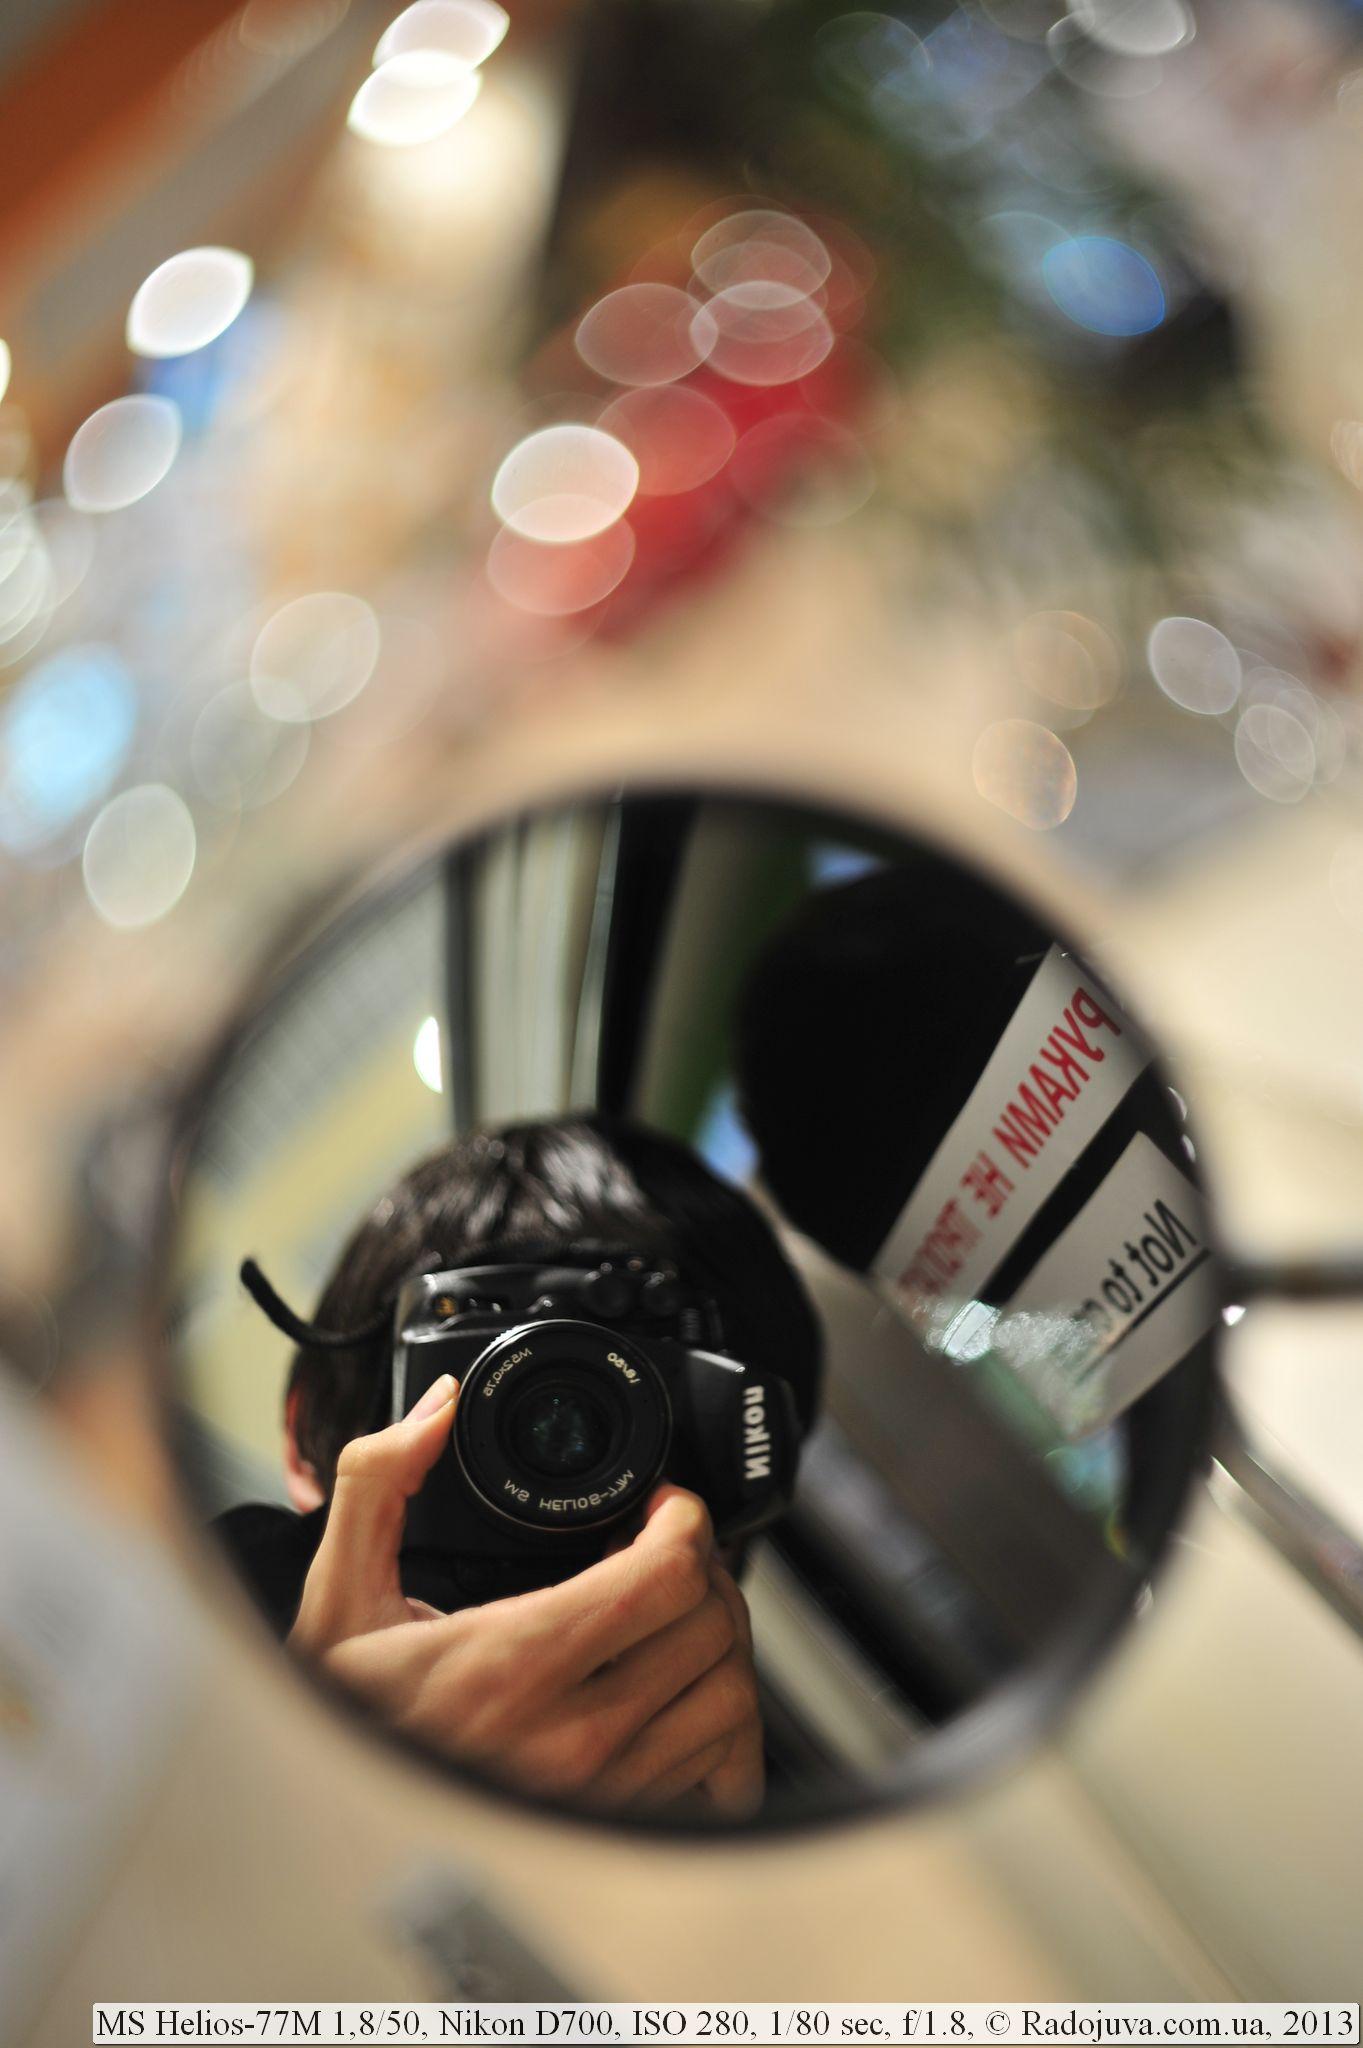 Какой зеркальный фотоаппарат подходит новичку